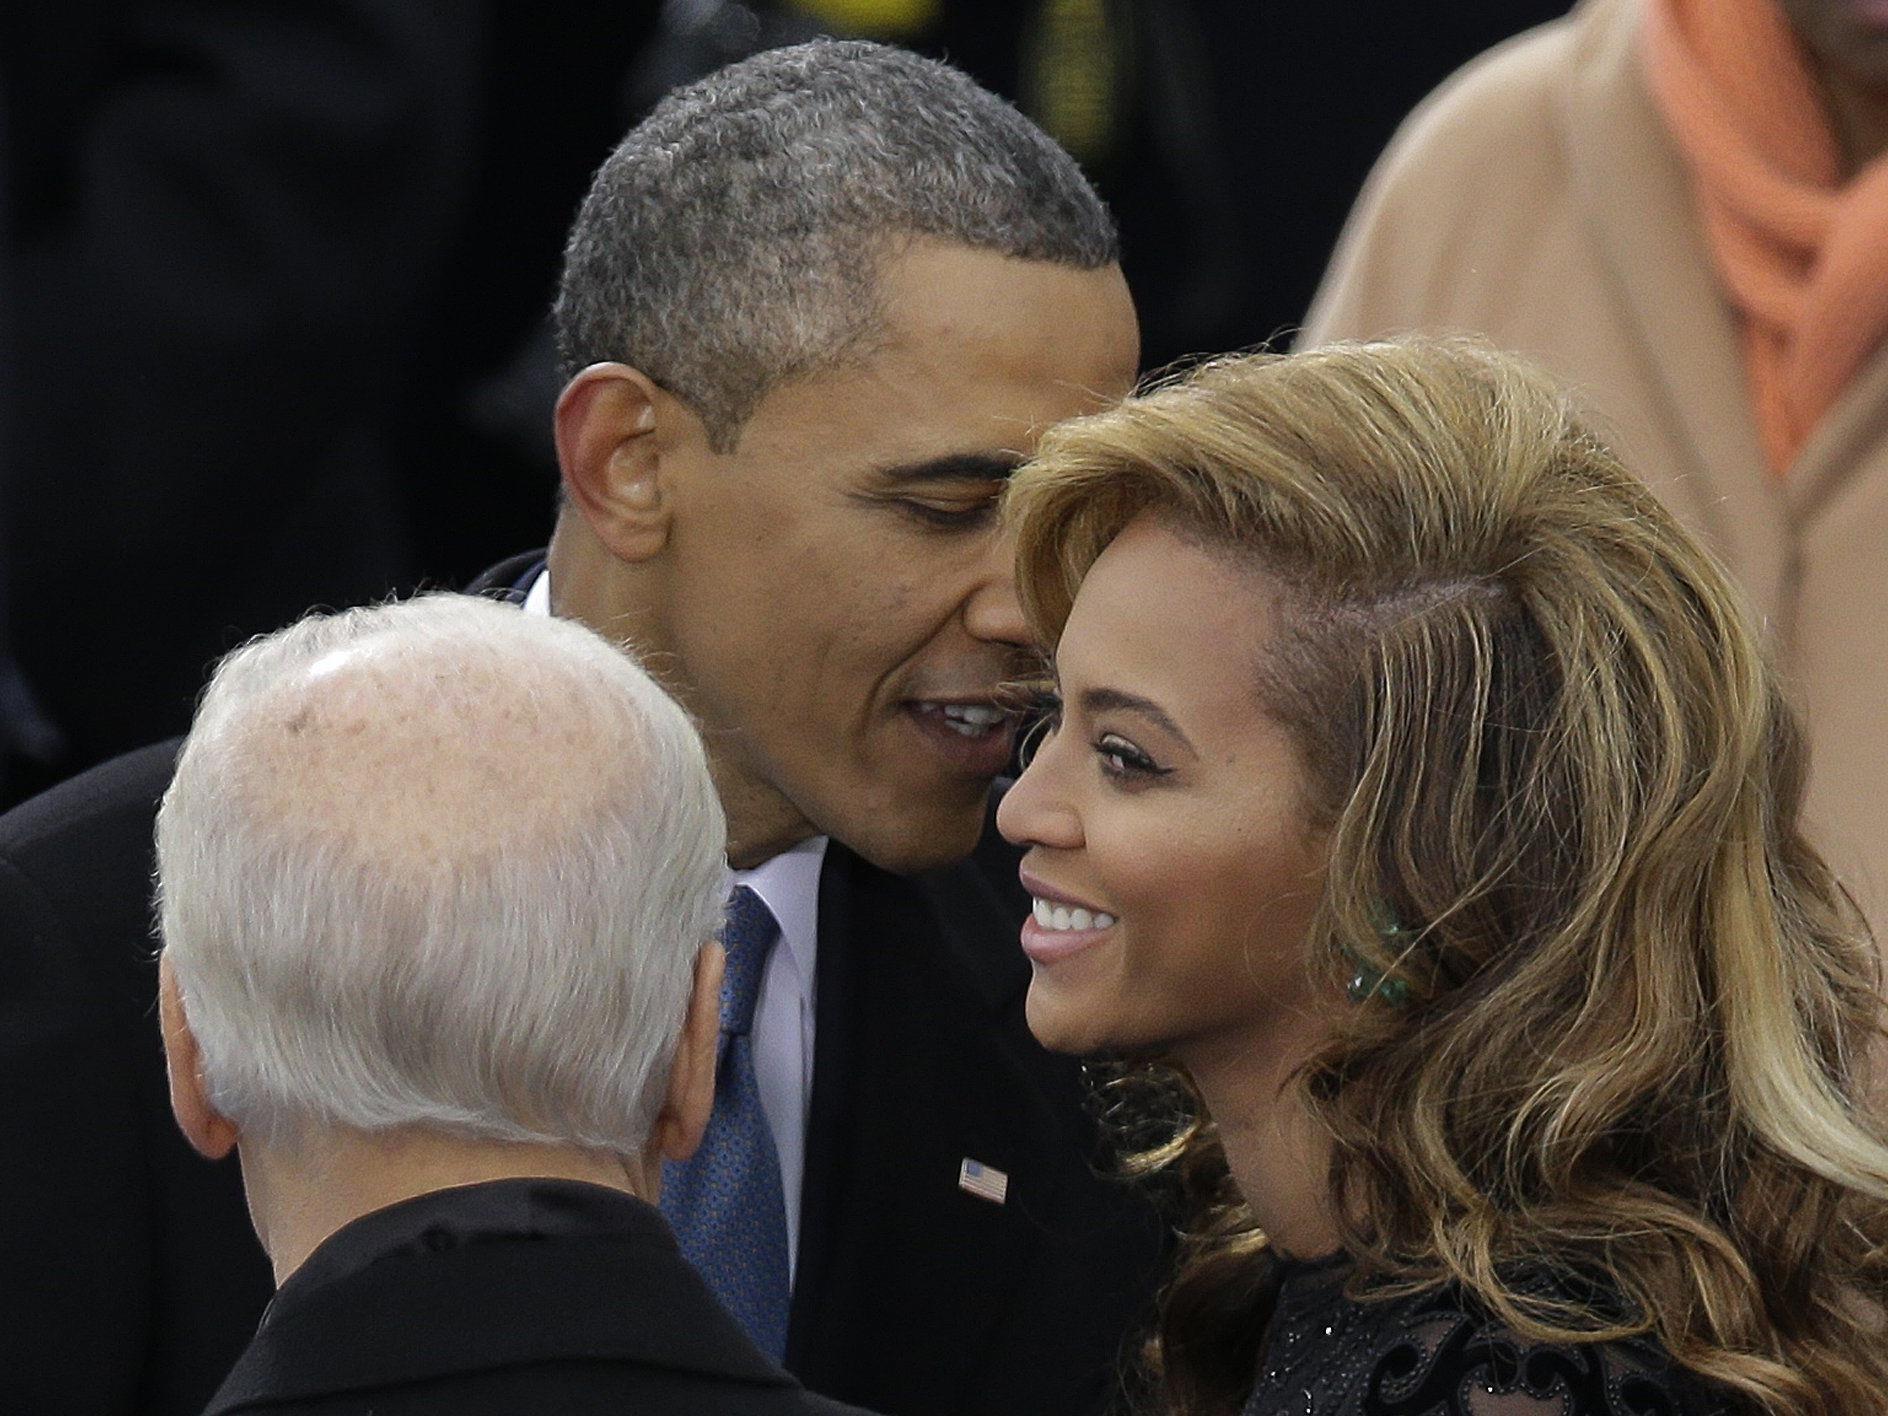 Das Gerücht um eine Affäre zwischen Beyoncé und Obama ging durch die ganze Welt.